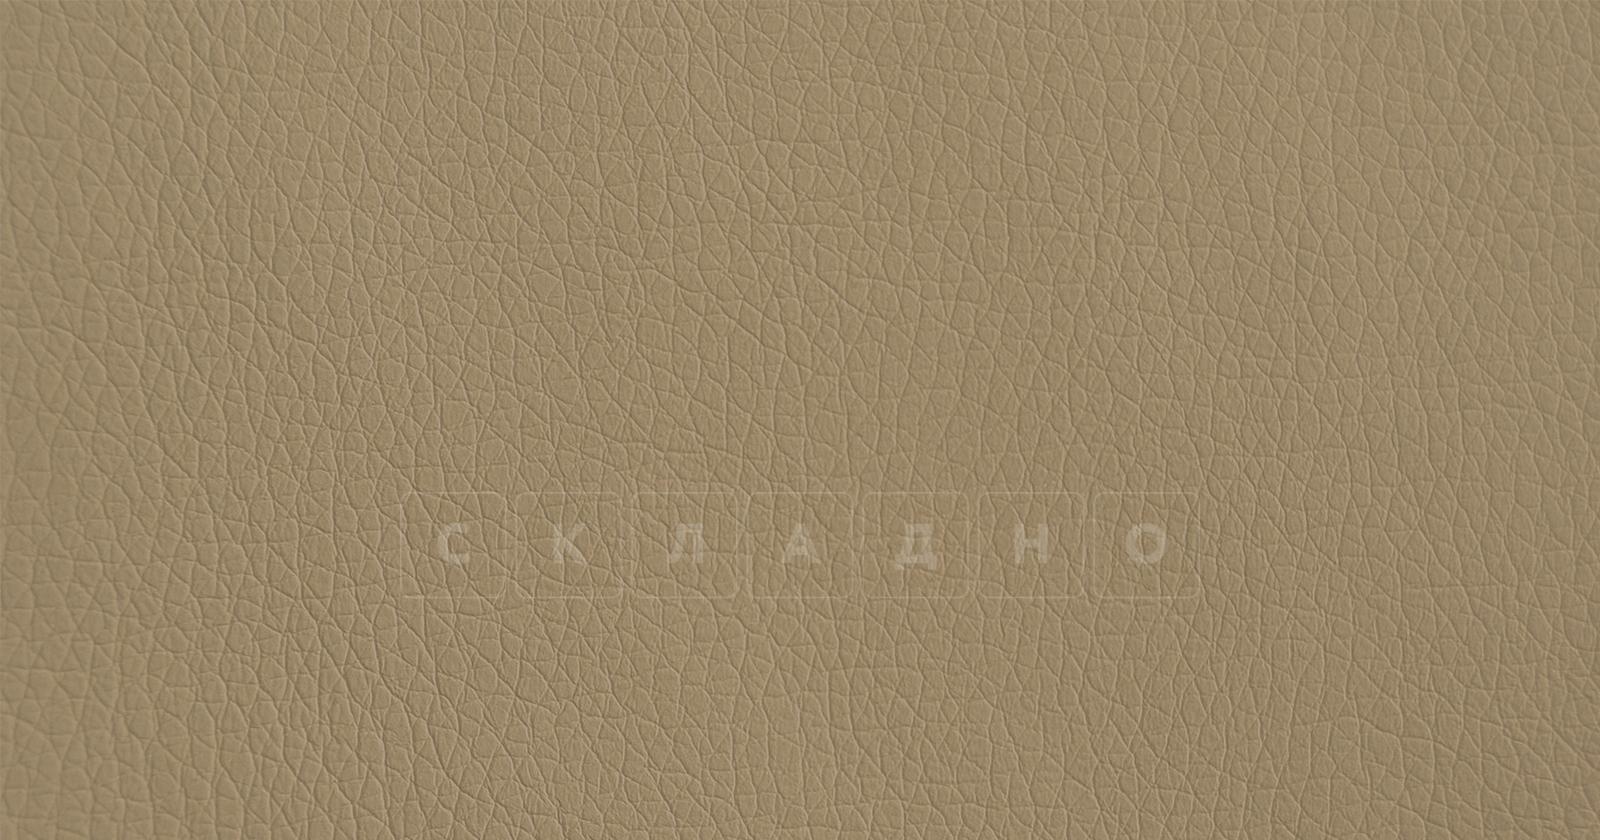 Мягкая кровать Хлоя 160 см капучино с подъемным механизмом фото 11 | интернет-магазин Складно